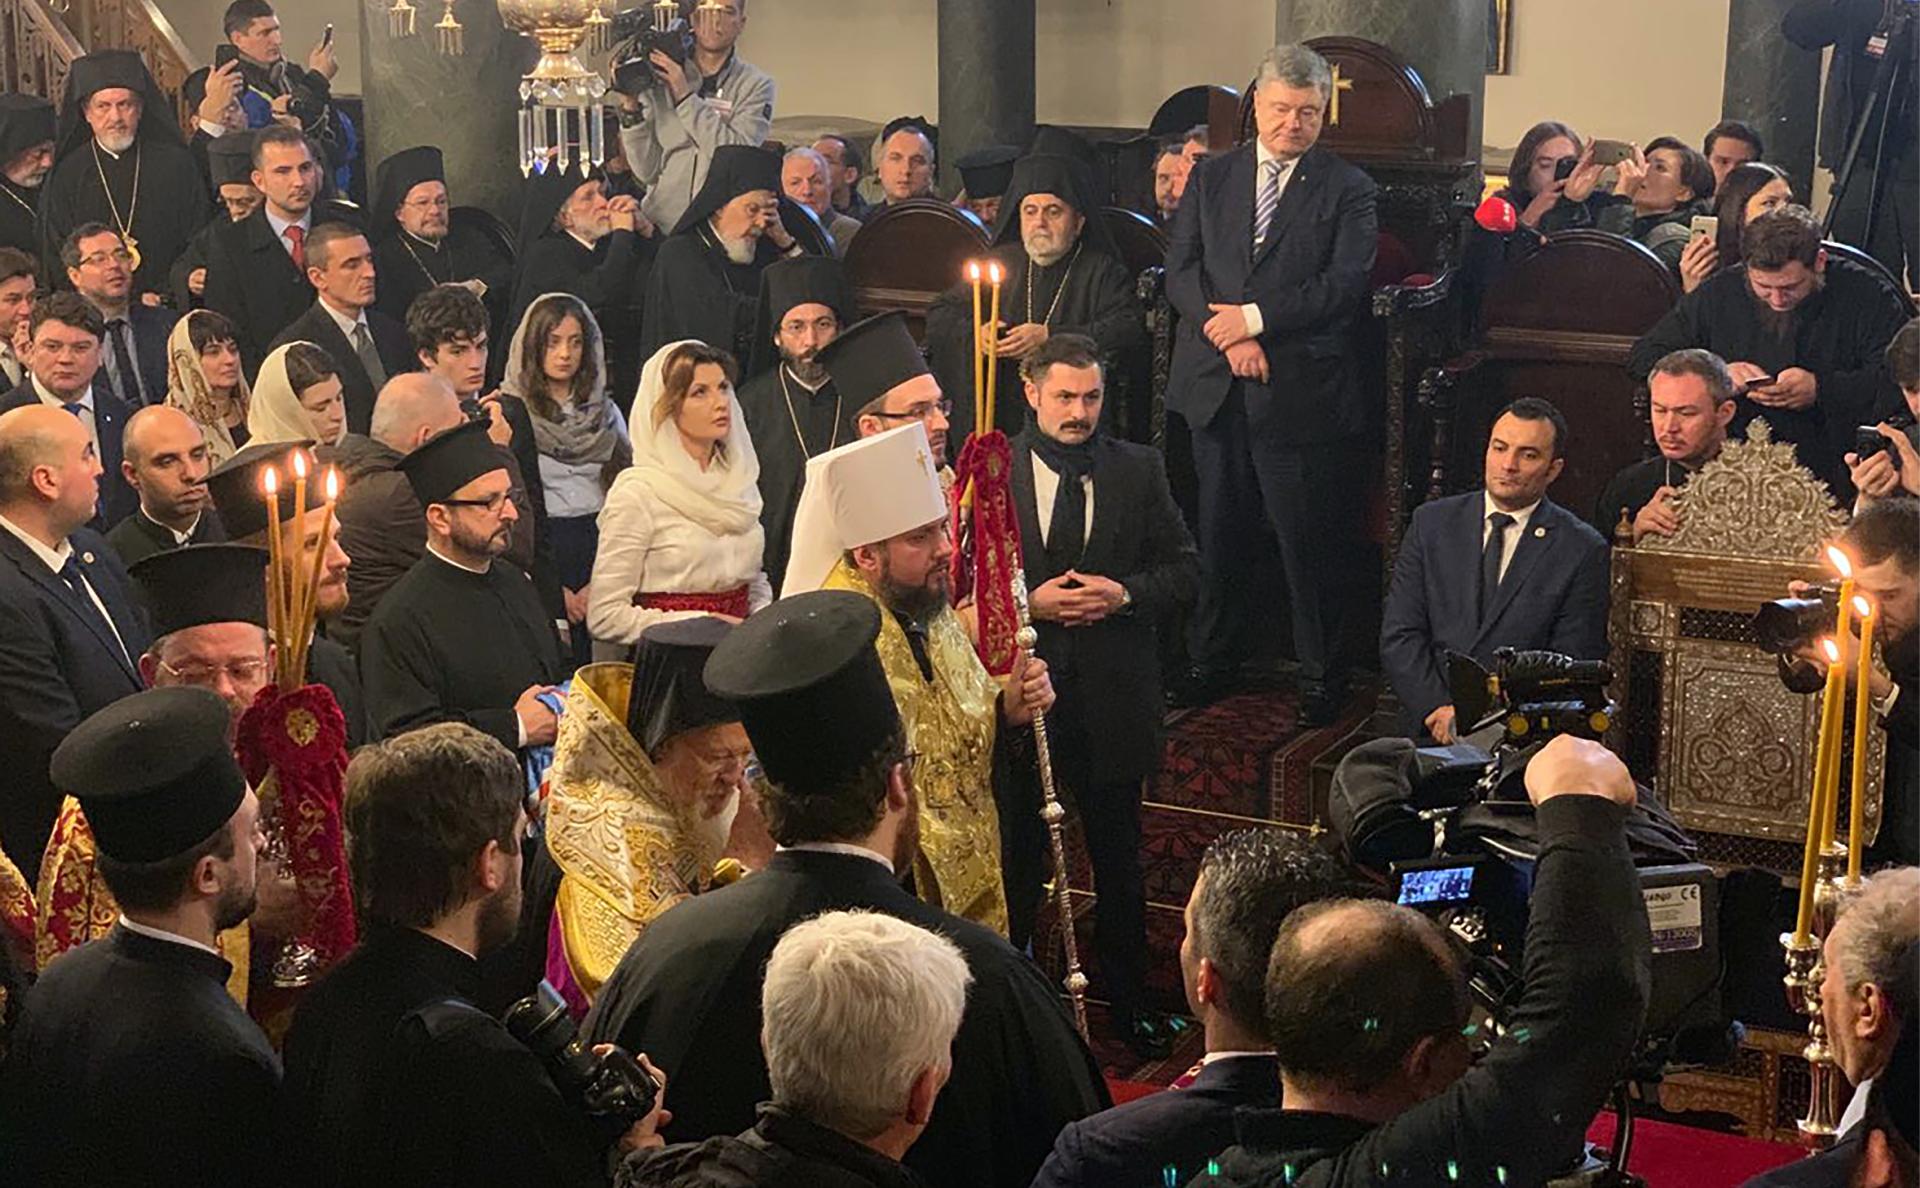 Церемония подписания томоса в Стамбуле